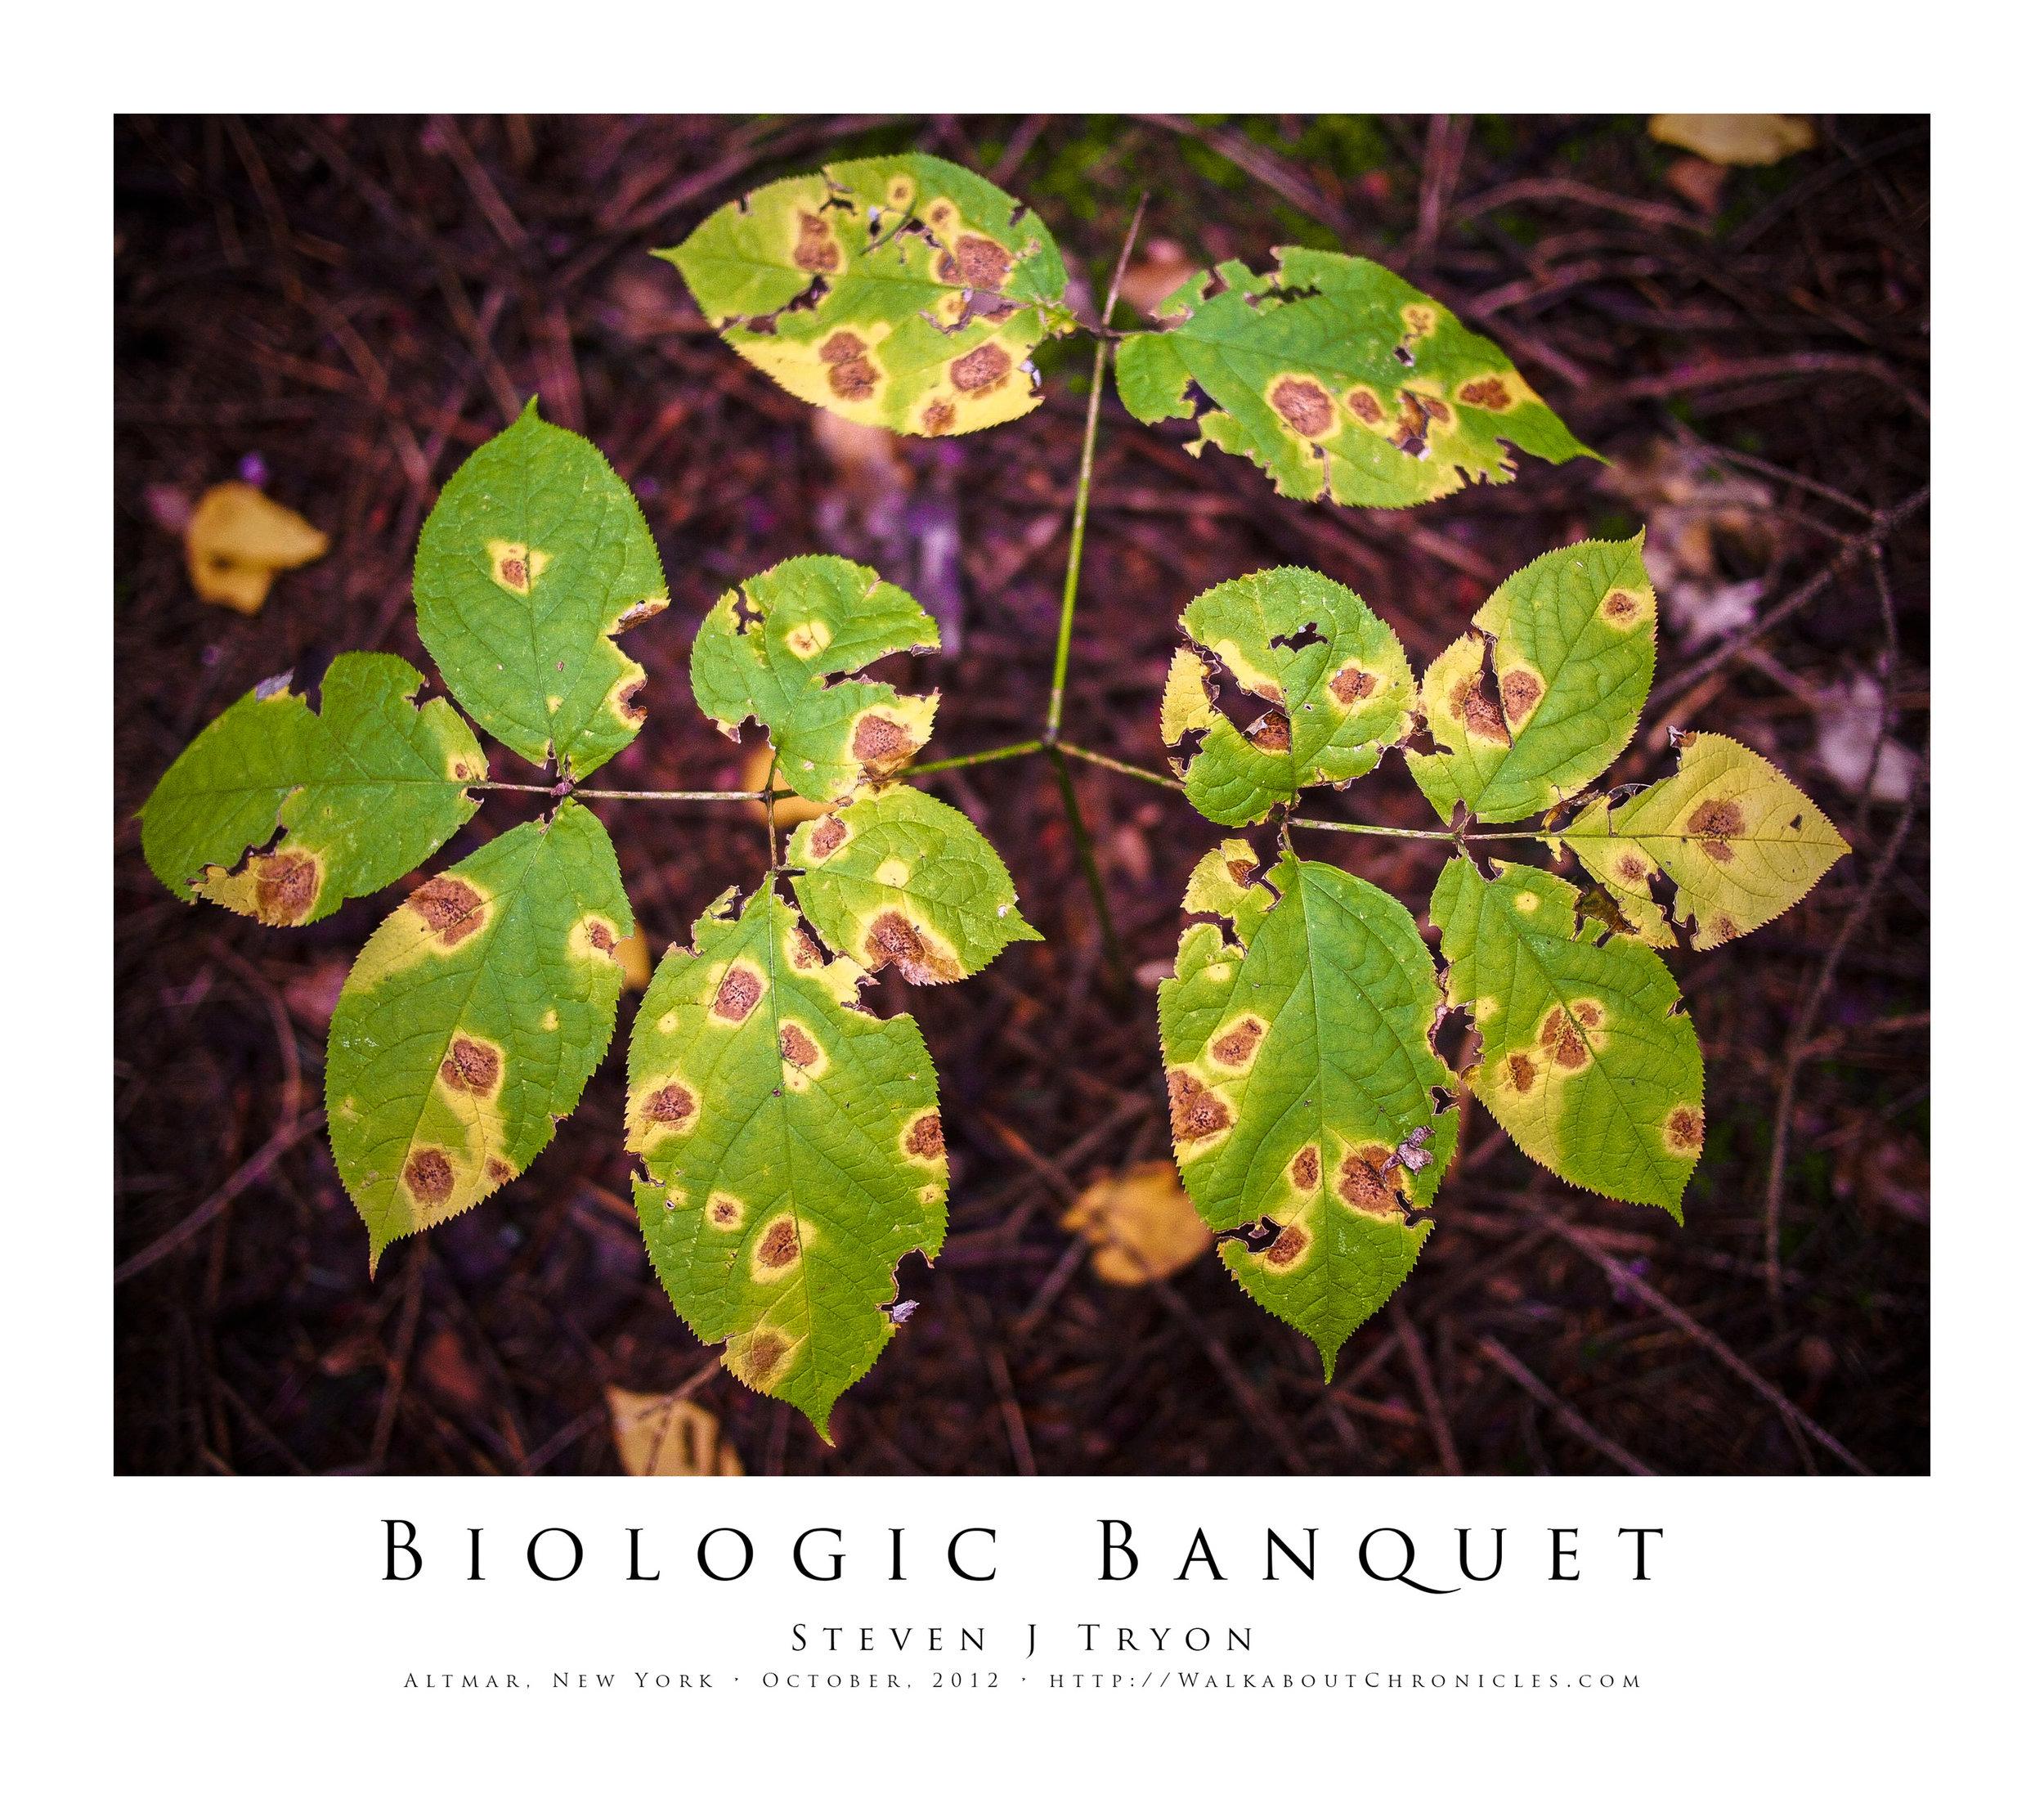 Biologic Banquet